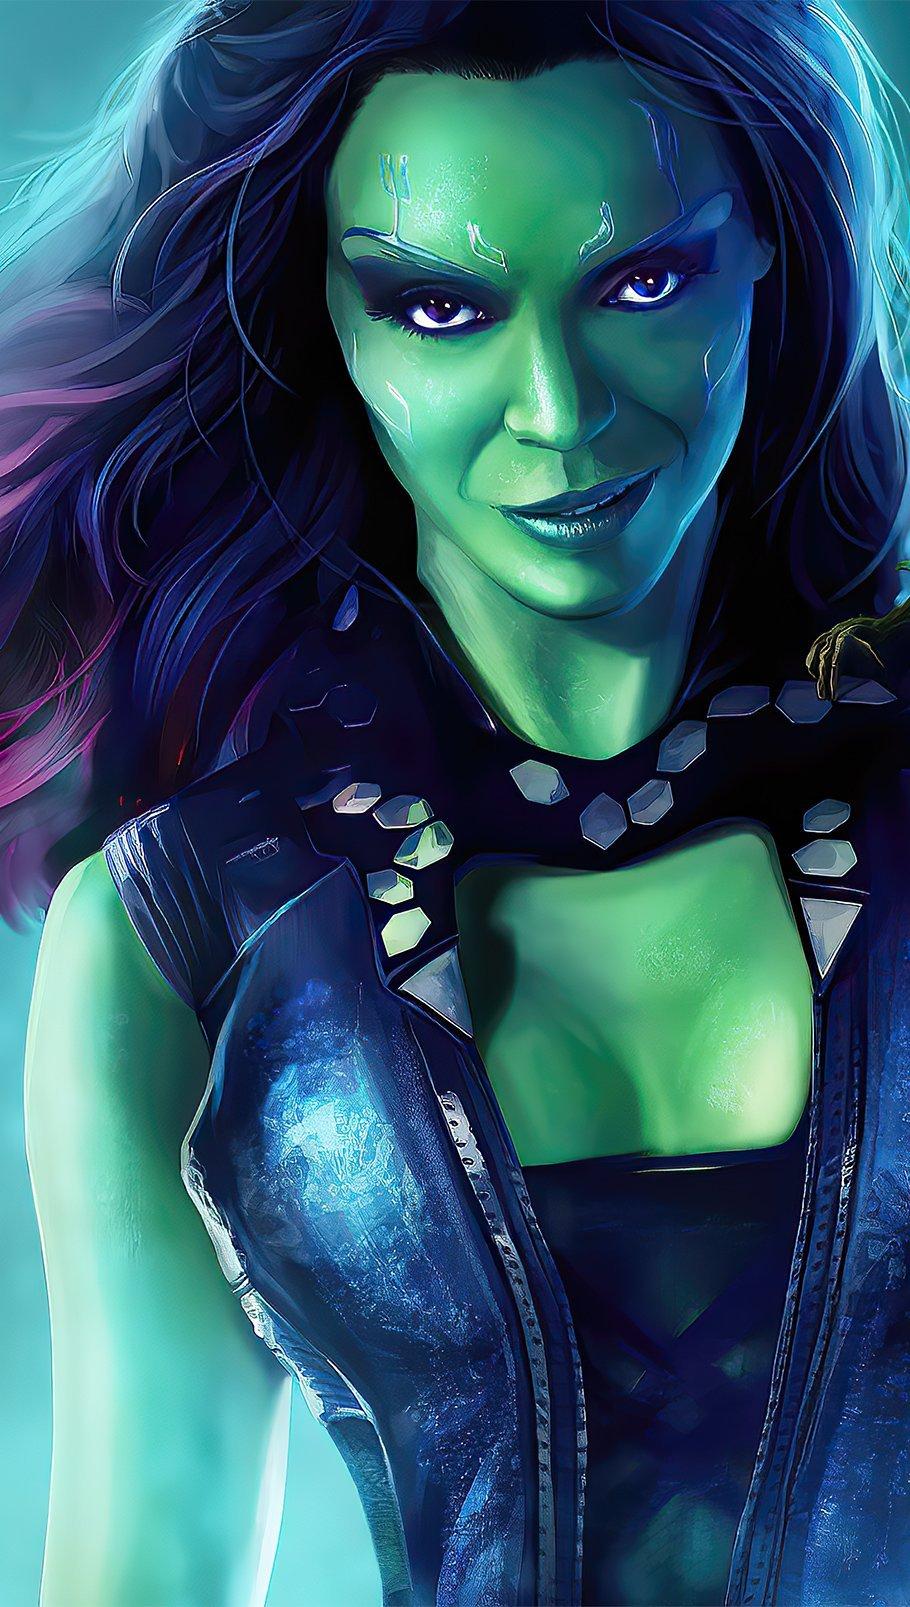 Fondos de pantalla Gamora con Groot bebé de Guardianes de la Galaxia Vertical